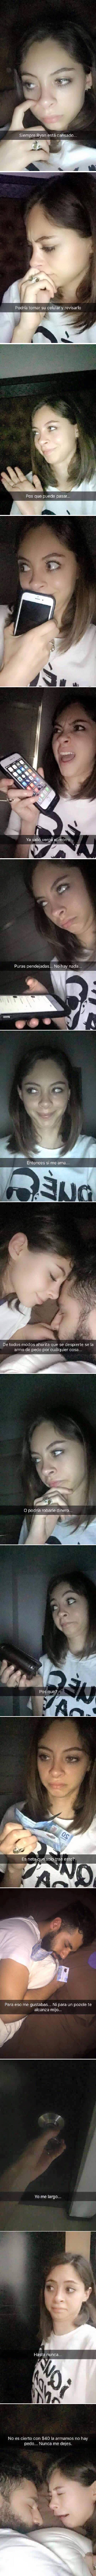 Historia snapchat, novia revisa el celular y la cartera de su novio mientras él duerme